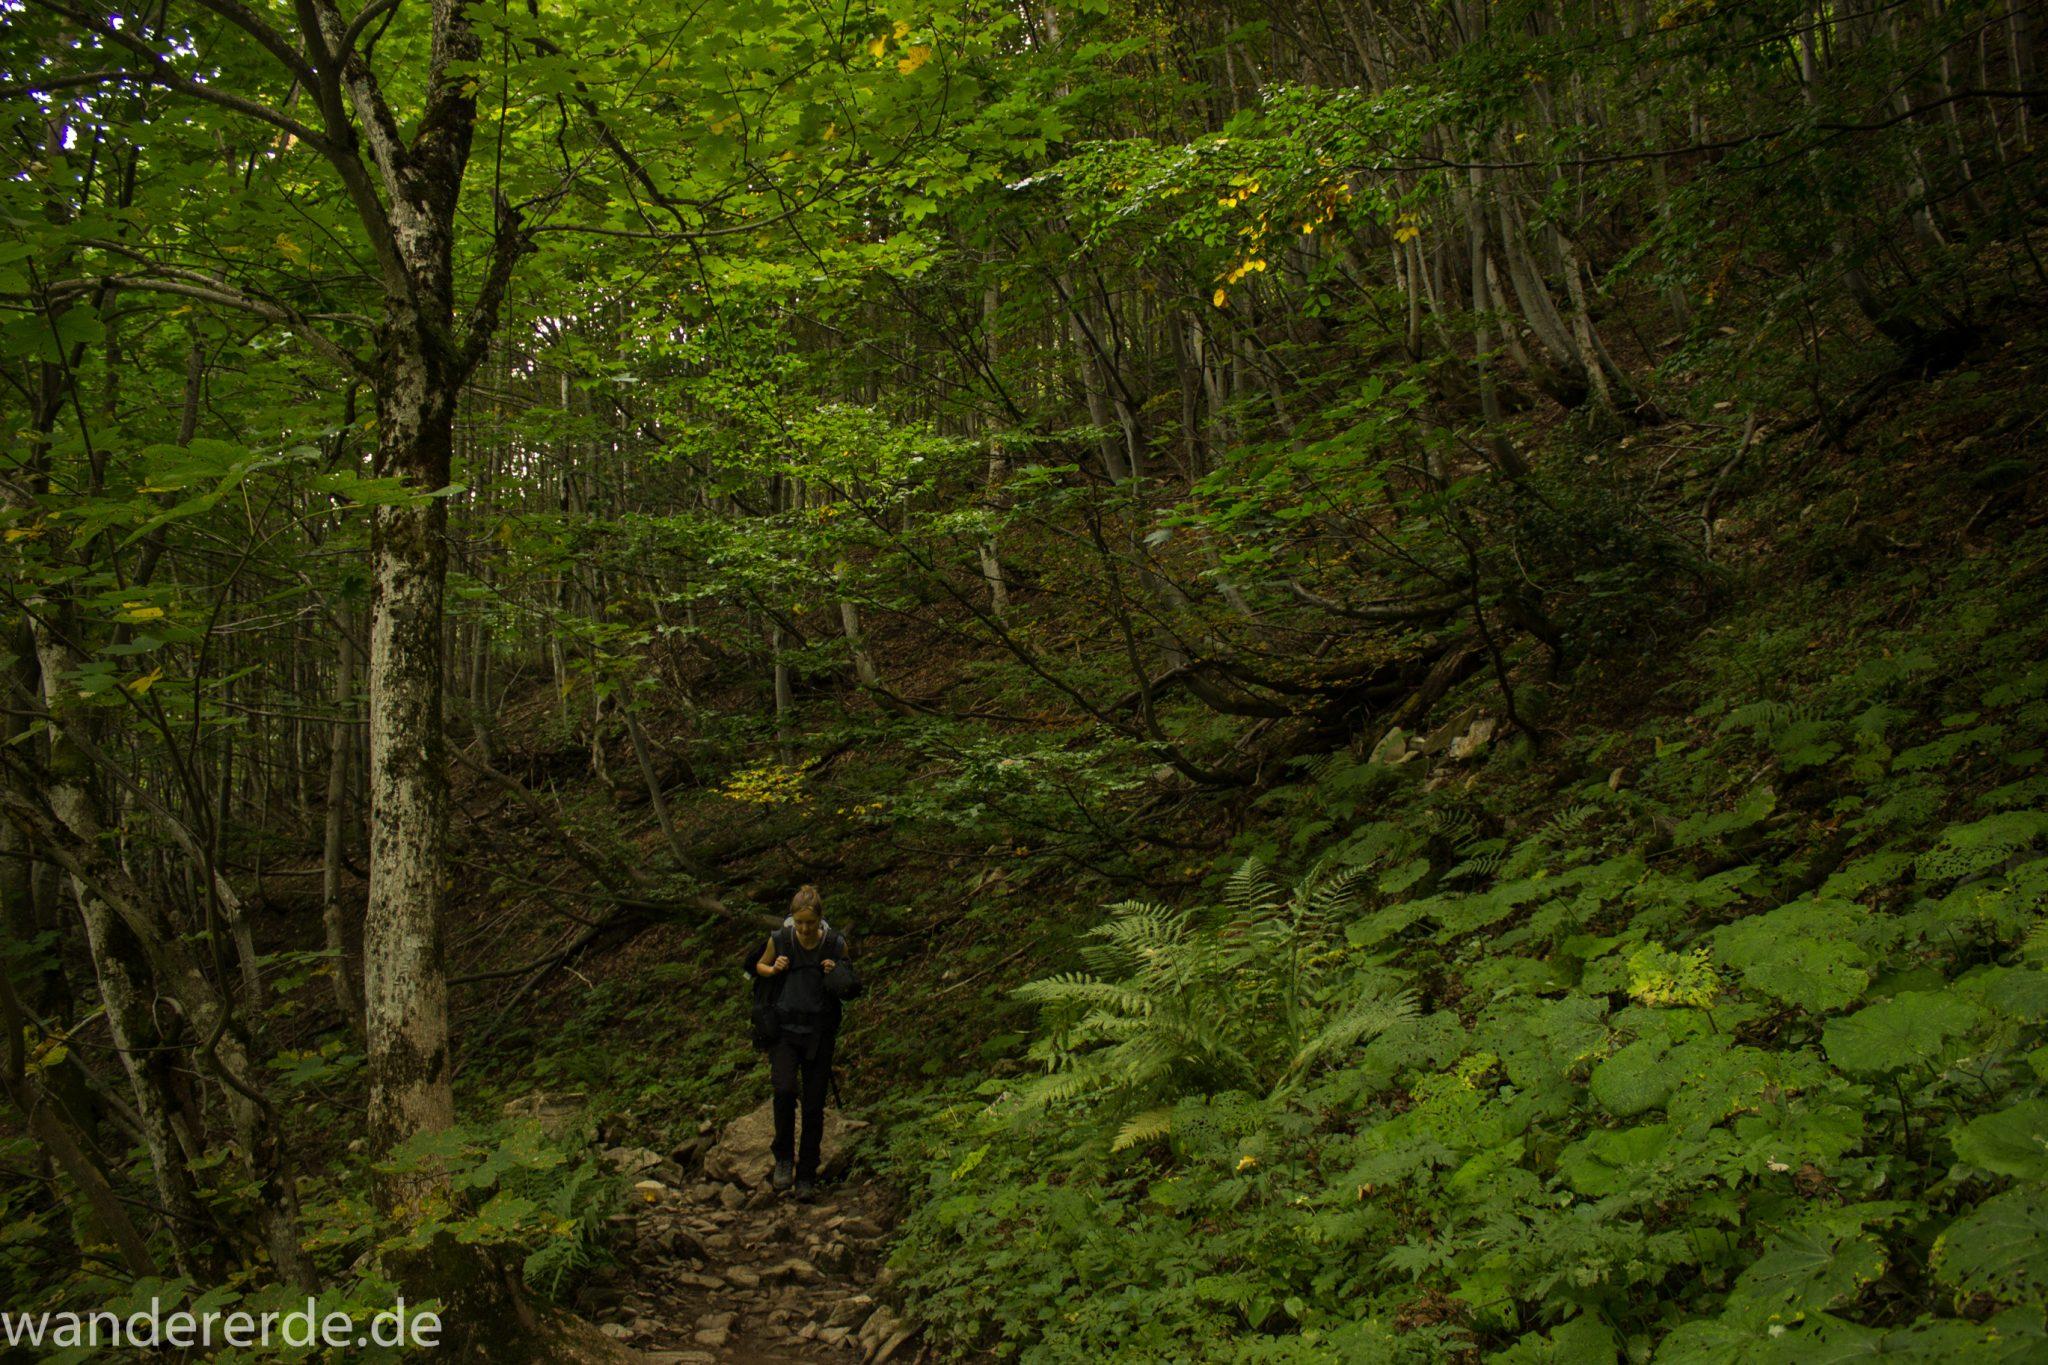 Alpenüberquerung Fernwanderweg E5 Oberstdorf Meran, 1. Etappe von Oberstdorf zur Kemptner Hütte, Wanderweg führt von der Spielmannsau bei Oberstdorf im Allgäu zur Kemptner Hütte  entlang eines schmalen Wanderpfads über Stock und Stein, umgeben von saftig grüner Vegetation, beinahe wie im Dschungel, schöner, dichter Wald, Farne